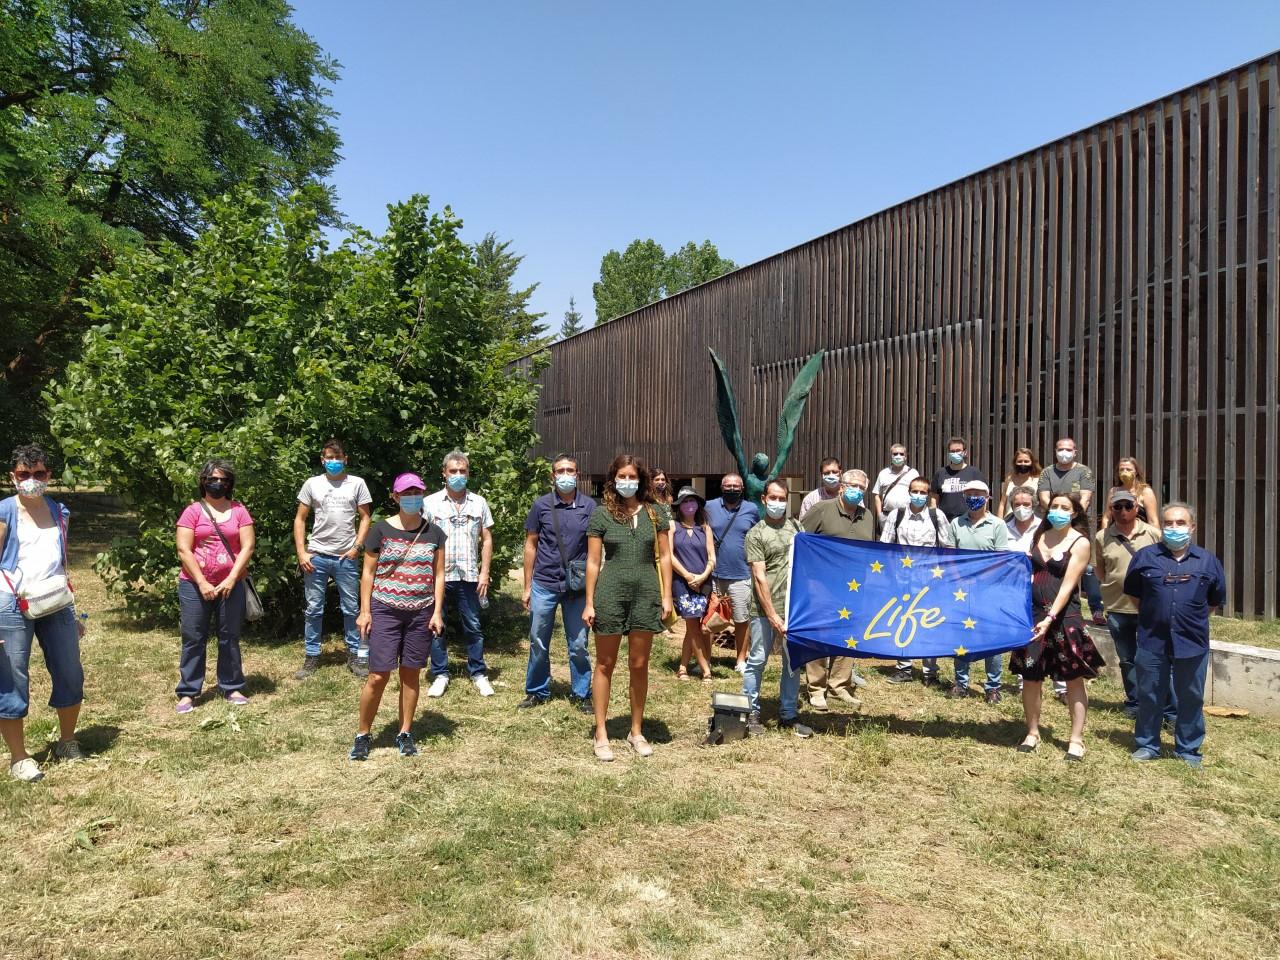 LIFE RIBERMINE na Jornada Técnico-Científica do 20º Aniversário do Parque Natural do Alto Tajo – 27 julho 2020